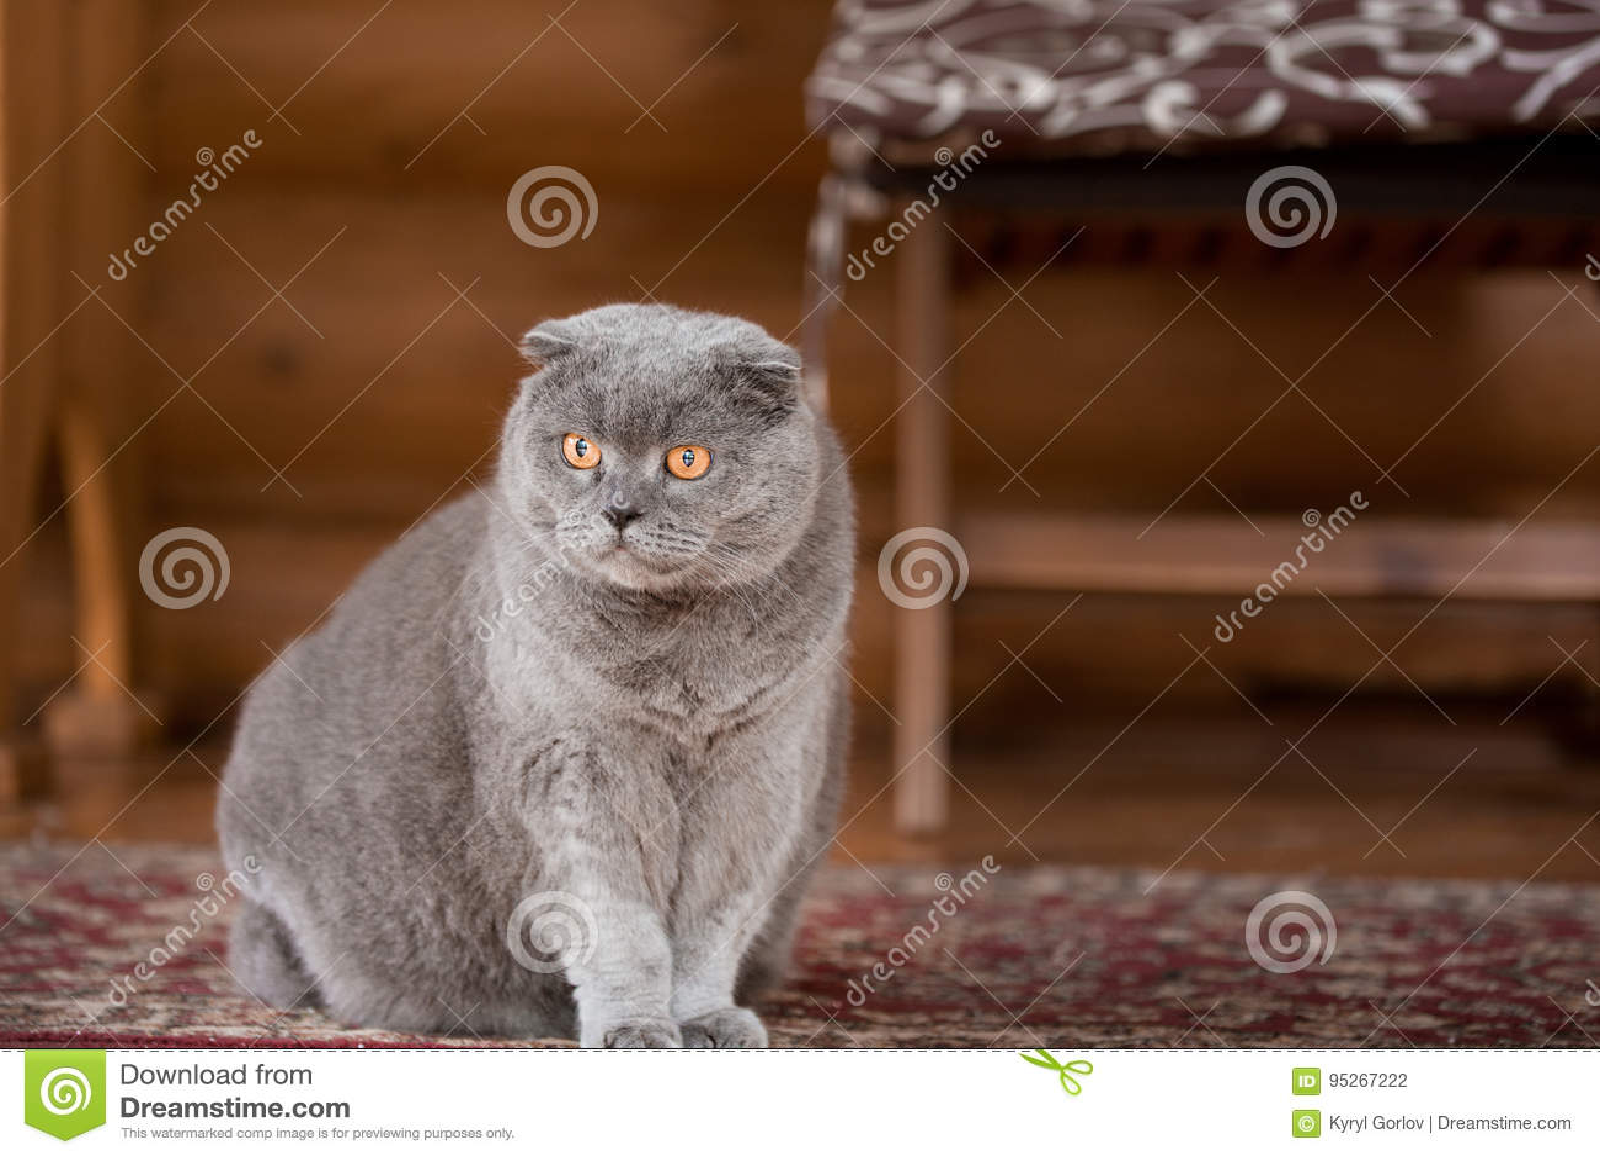 Σοβαρή και σκεπτική μπλε σκωτσέζικη συνεδρίαση γατών πτυχών σε ένα μέρος ενός σπιτιού και του κοιτάγματος κάπου